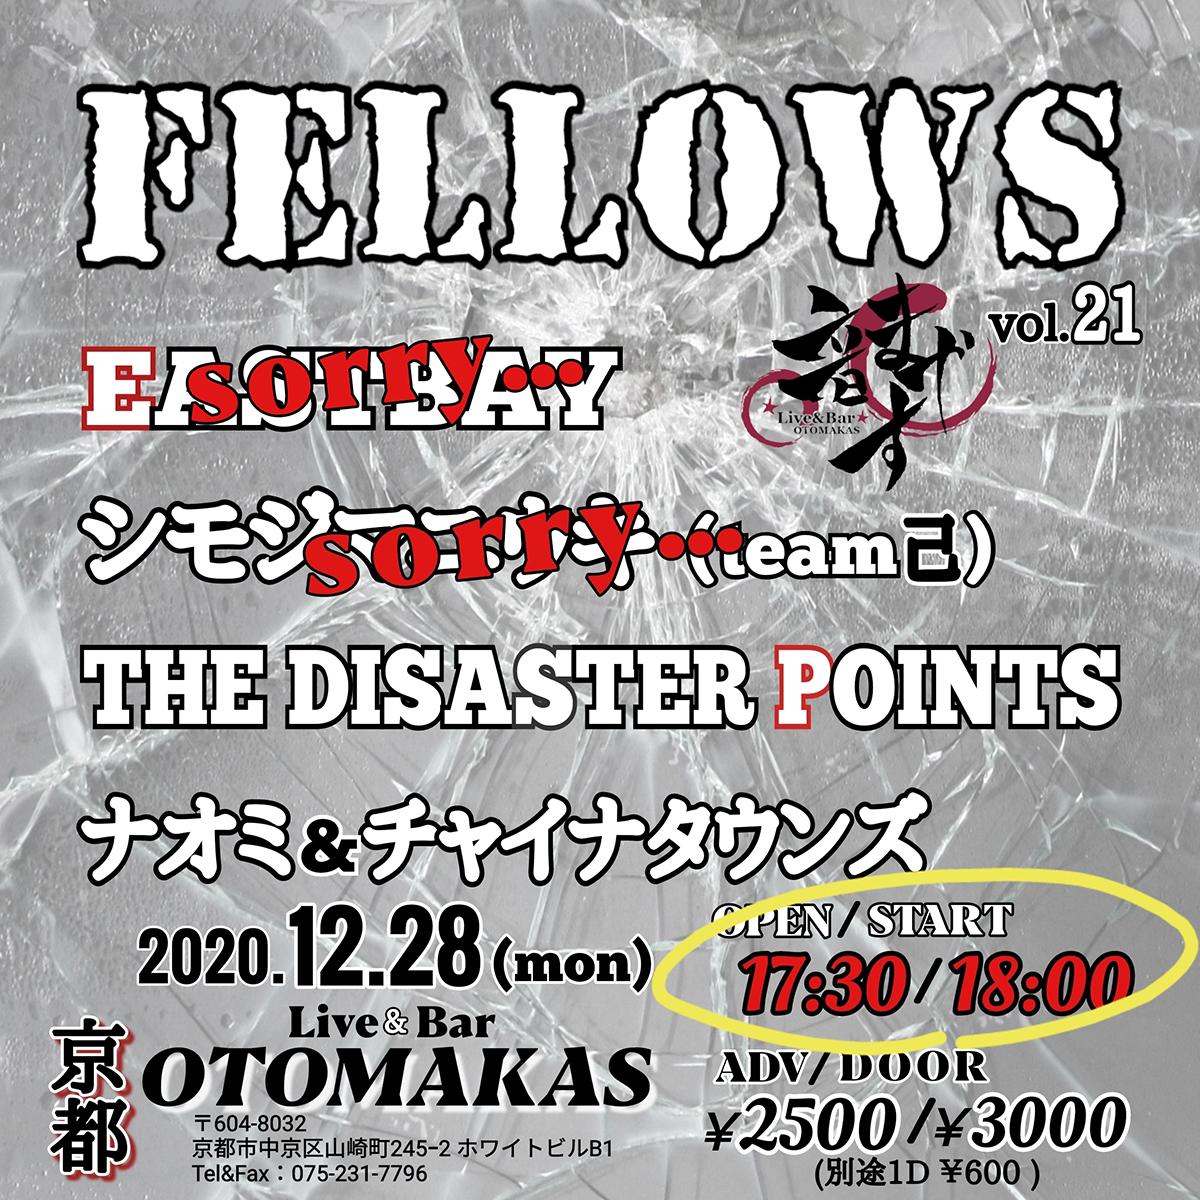 【出演キャンセル】FELLOWS vol.21の写真